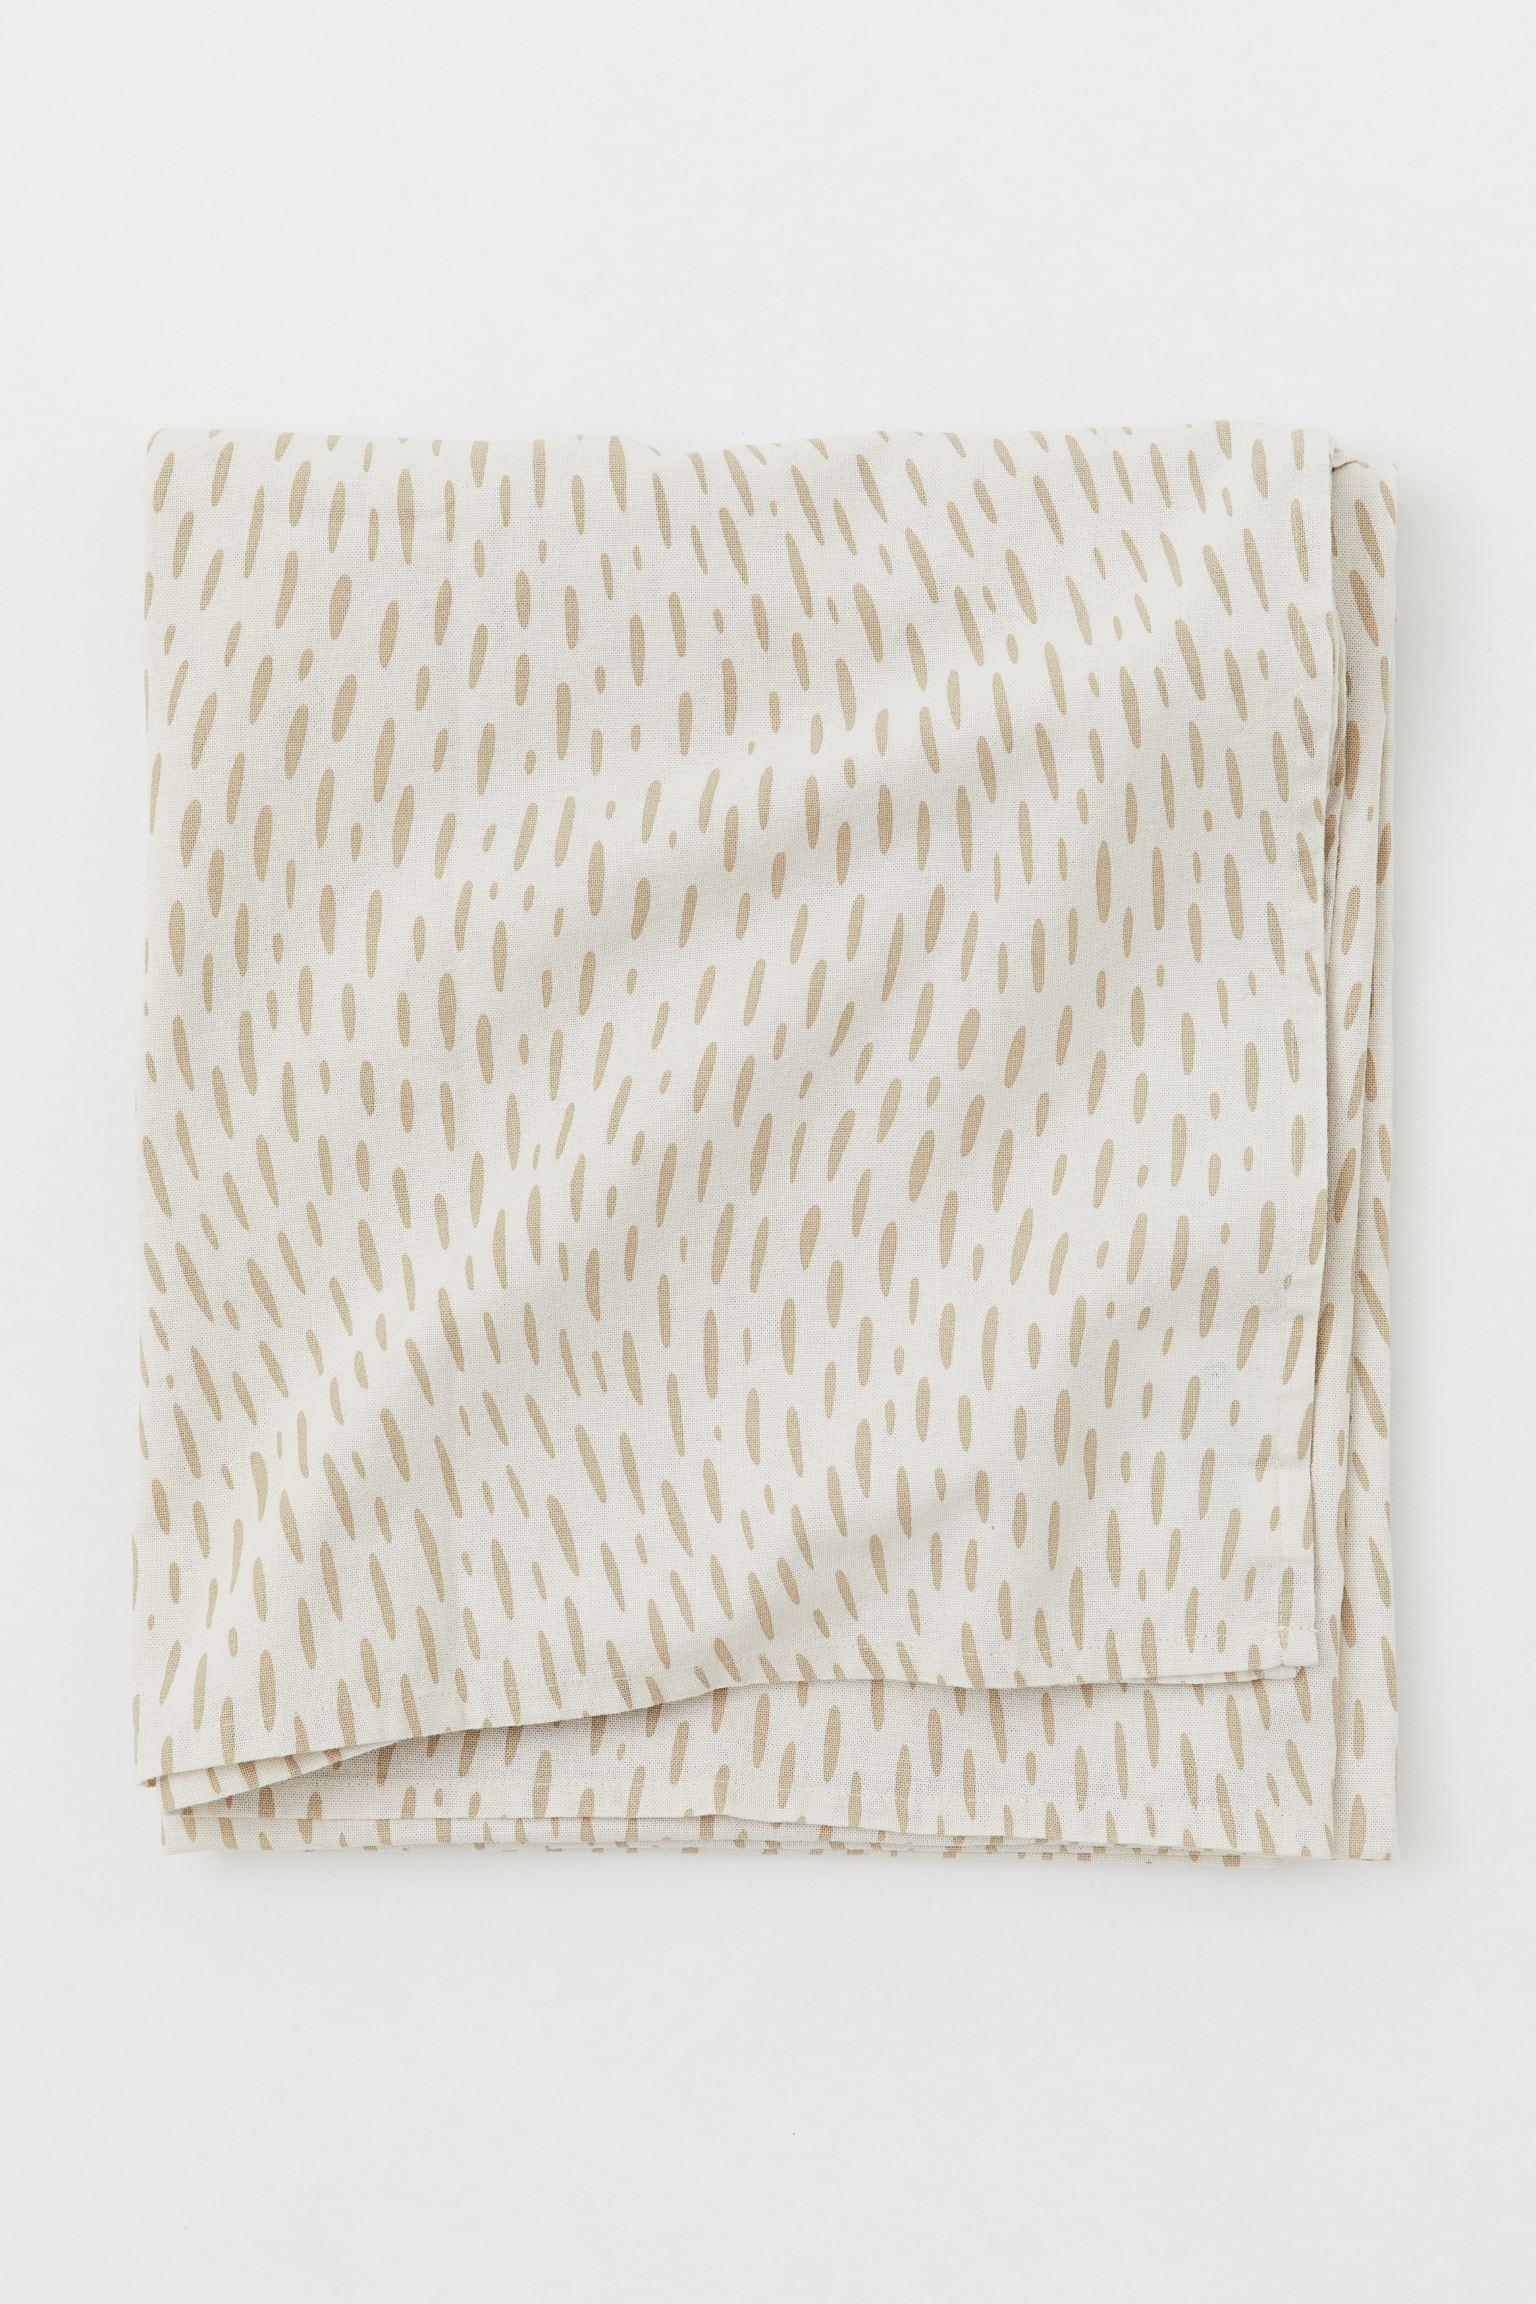 Mantel estampado de algodón color blanco natural y beige de 1,40 x 1.80